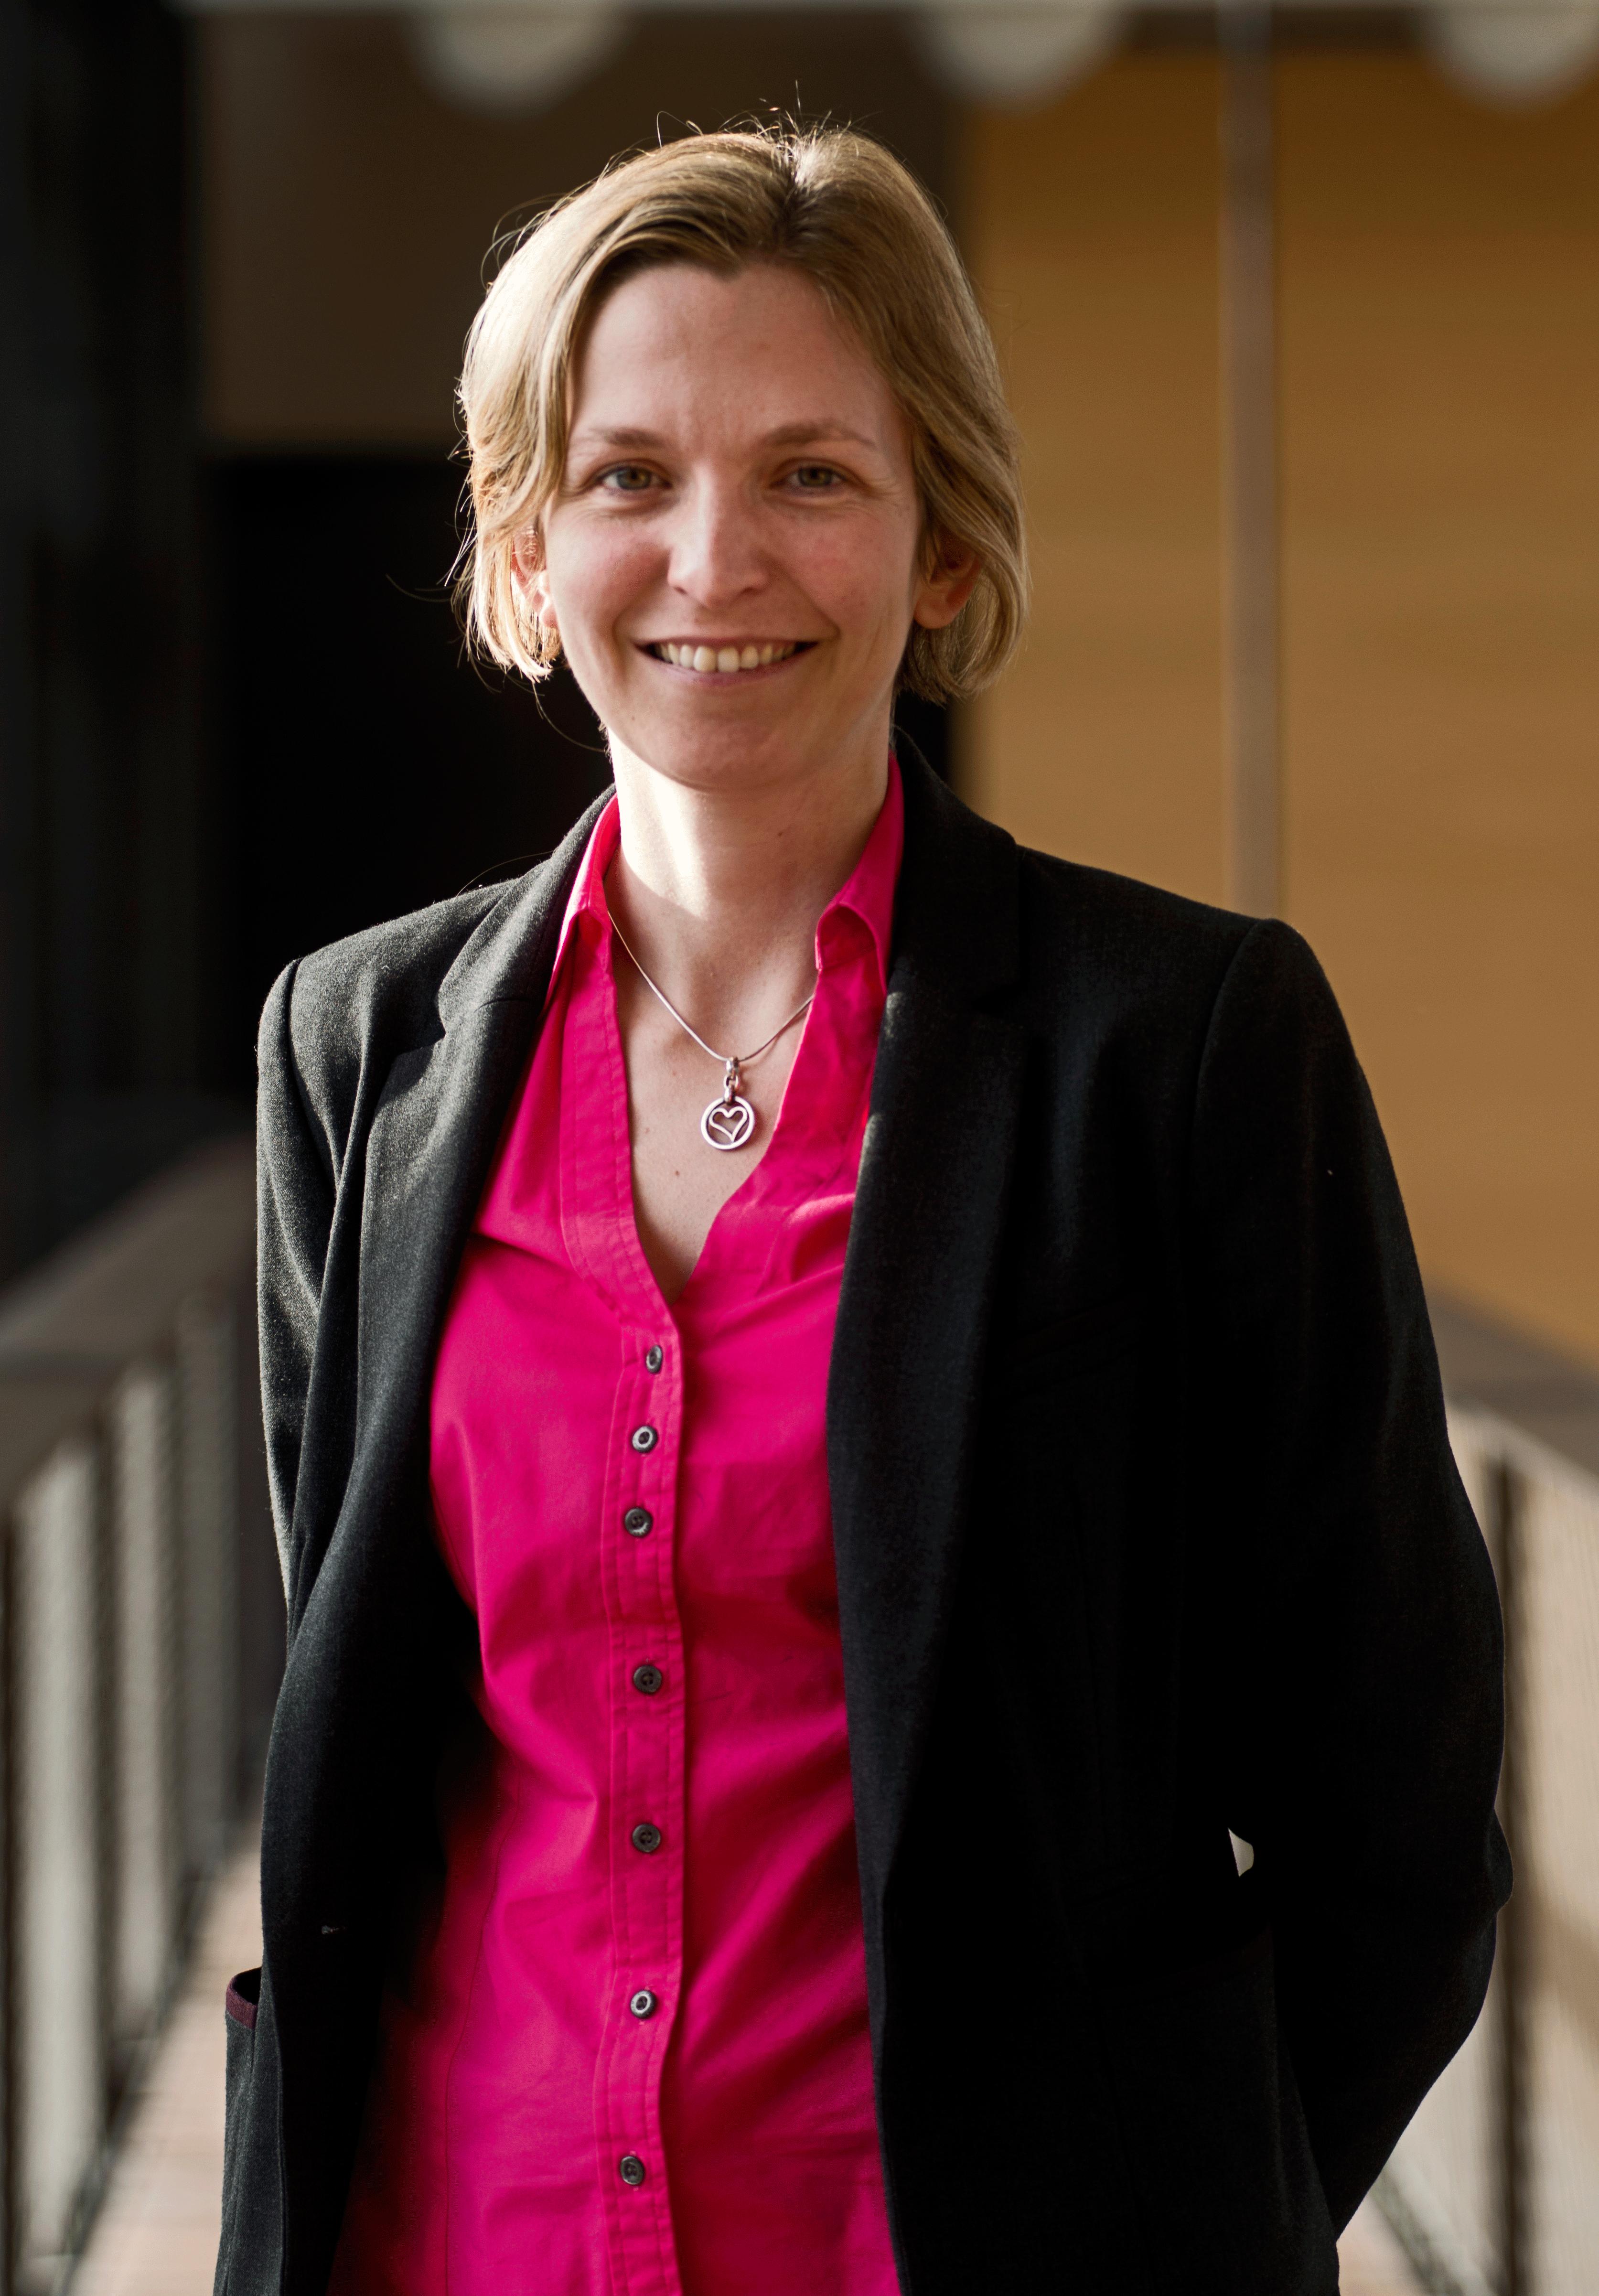 Anne Christelle Vogler